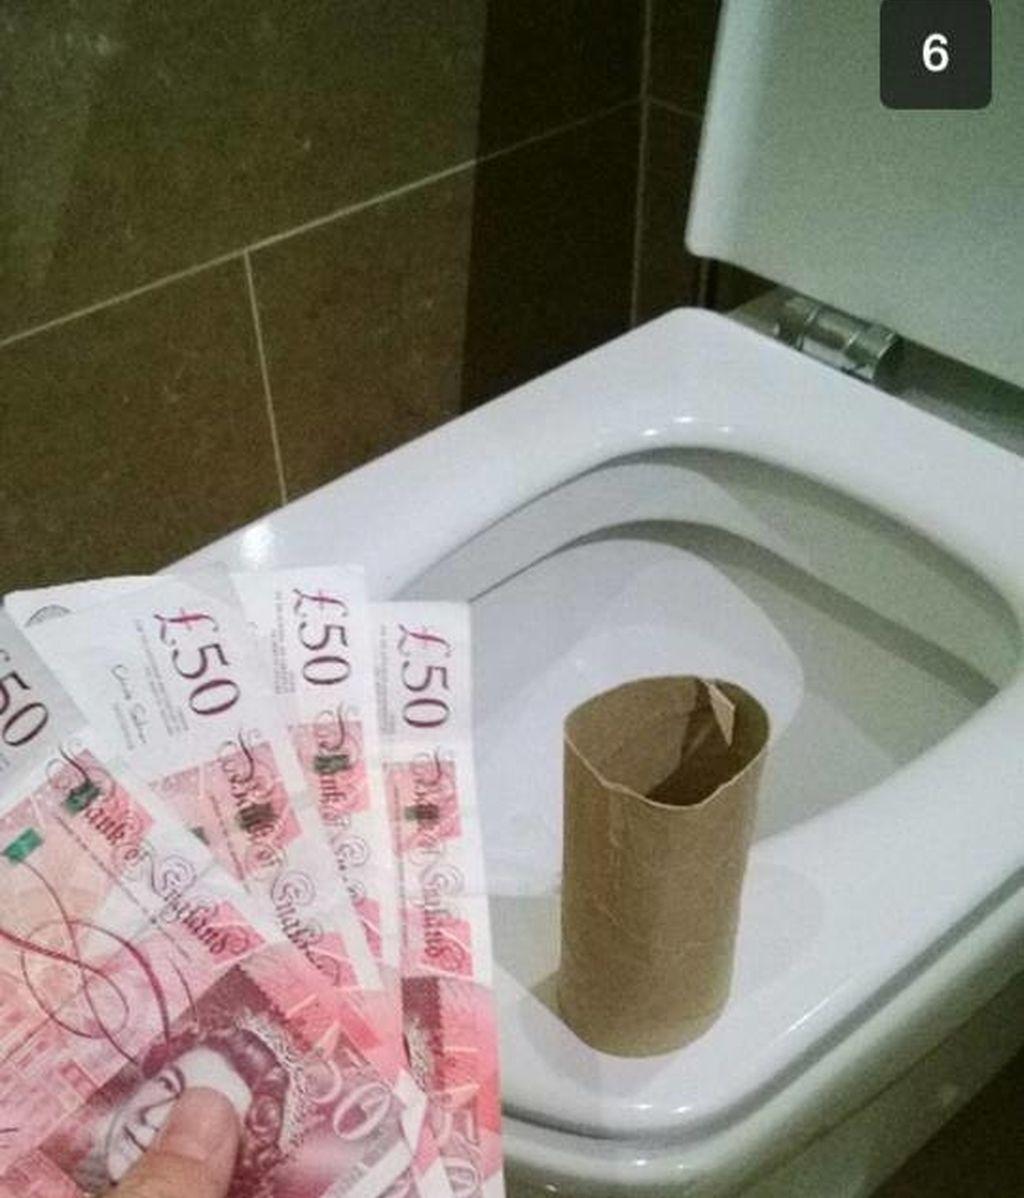 Lo que uso cuando me falta papel higiénico en el baño